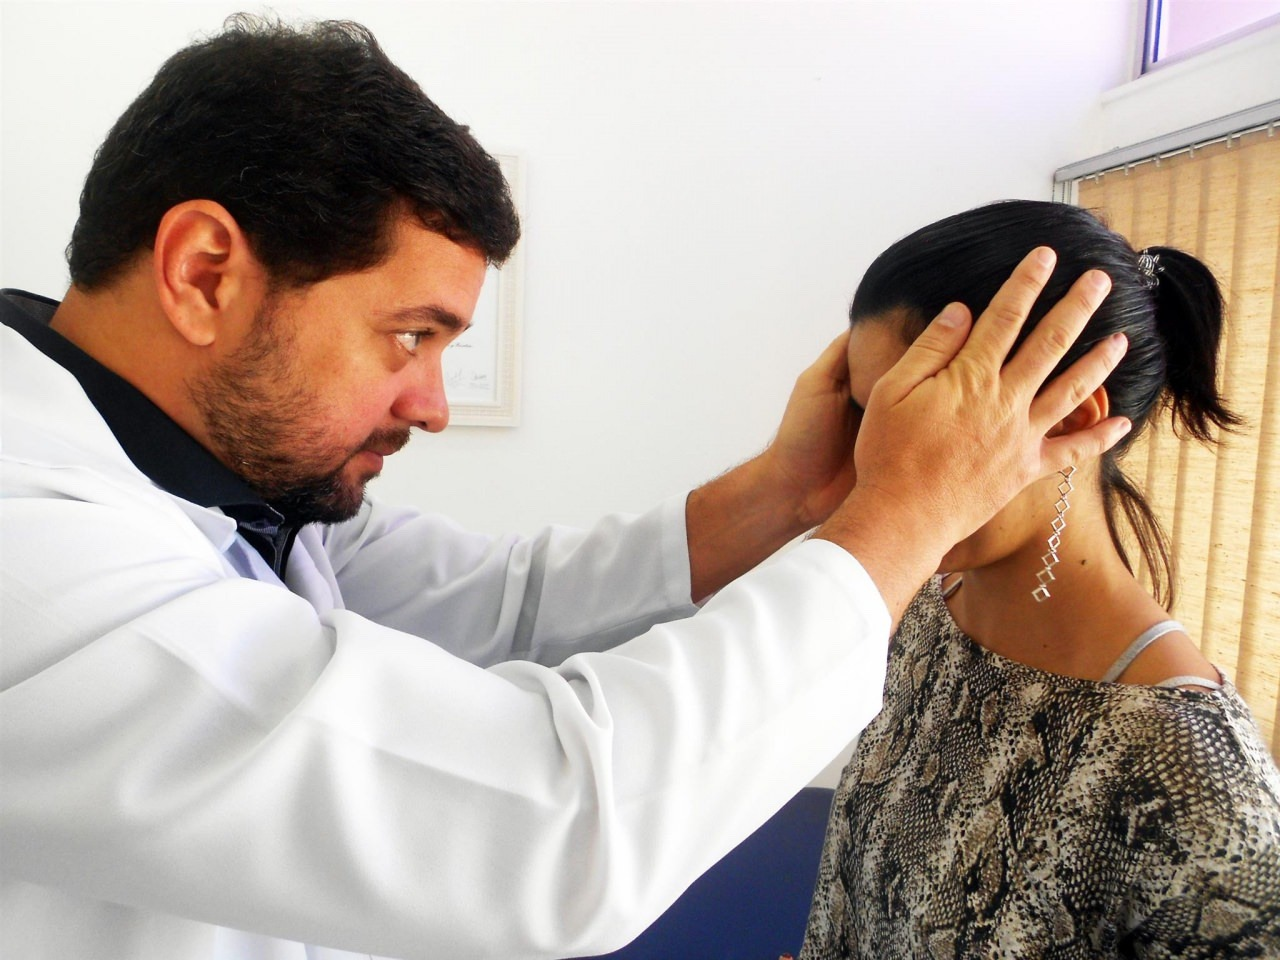 Reabilitação Vestibular: Avaliação e Tratamento - Básico e Avançado